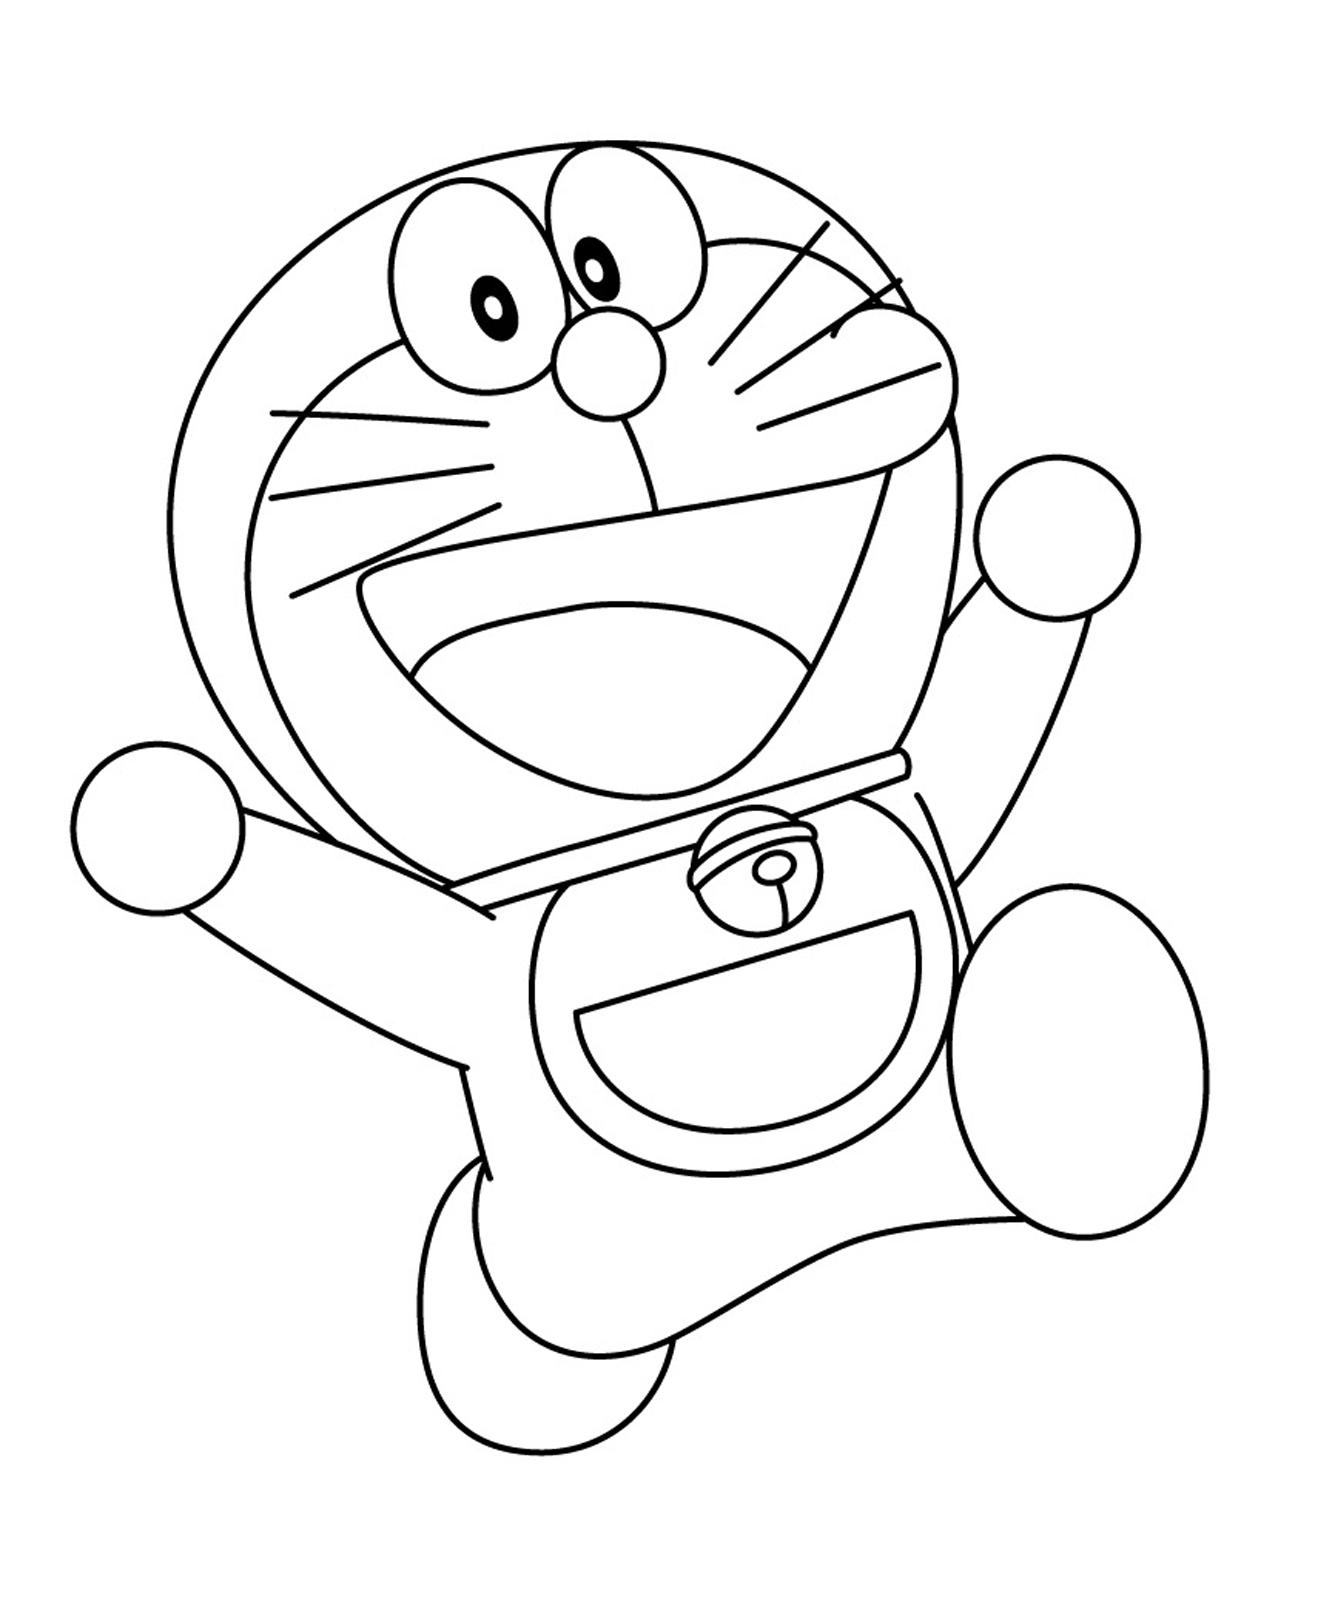 Doraemon doraemon corre e salta felice for Disegni da colorare doraemon